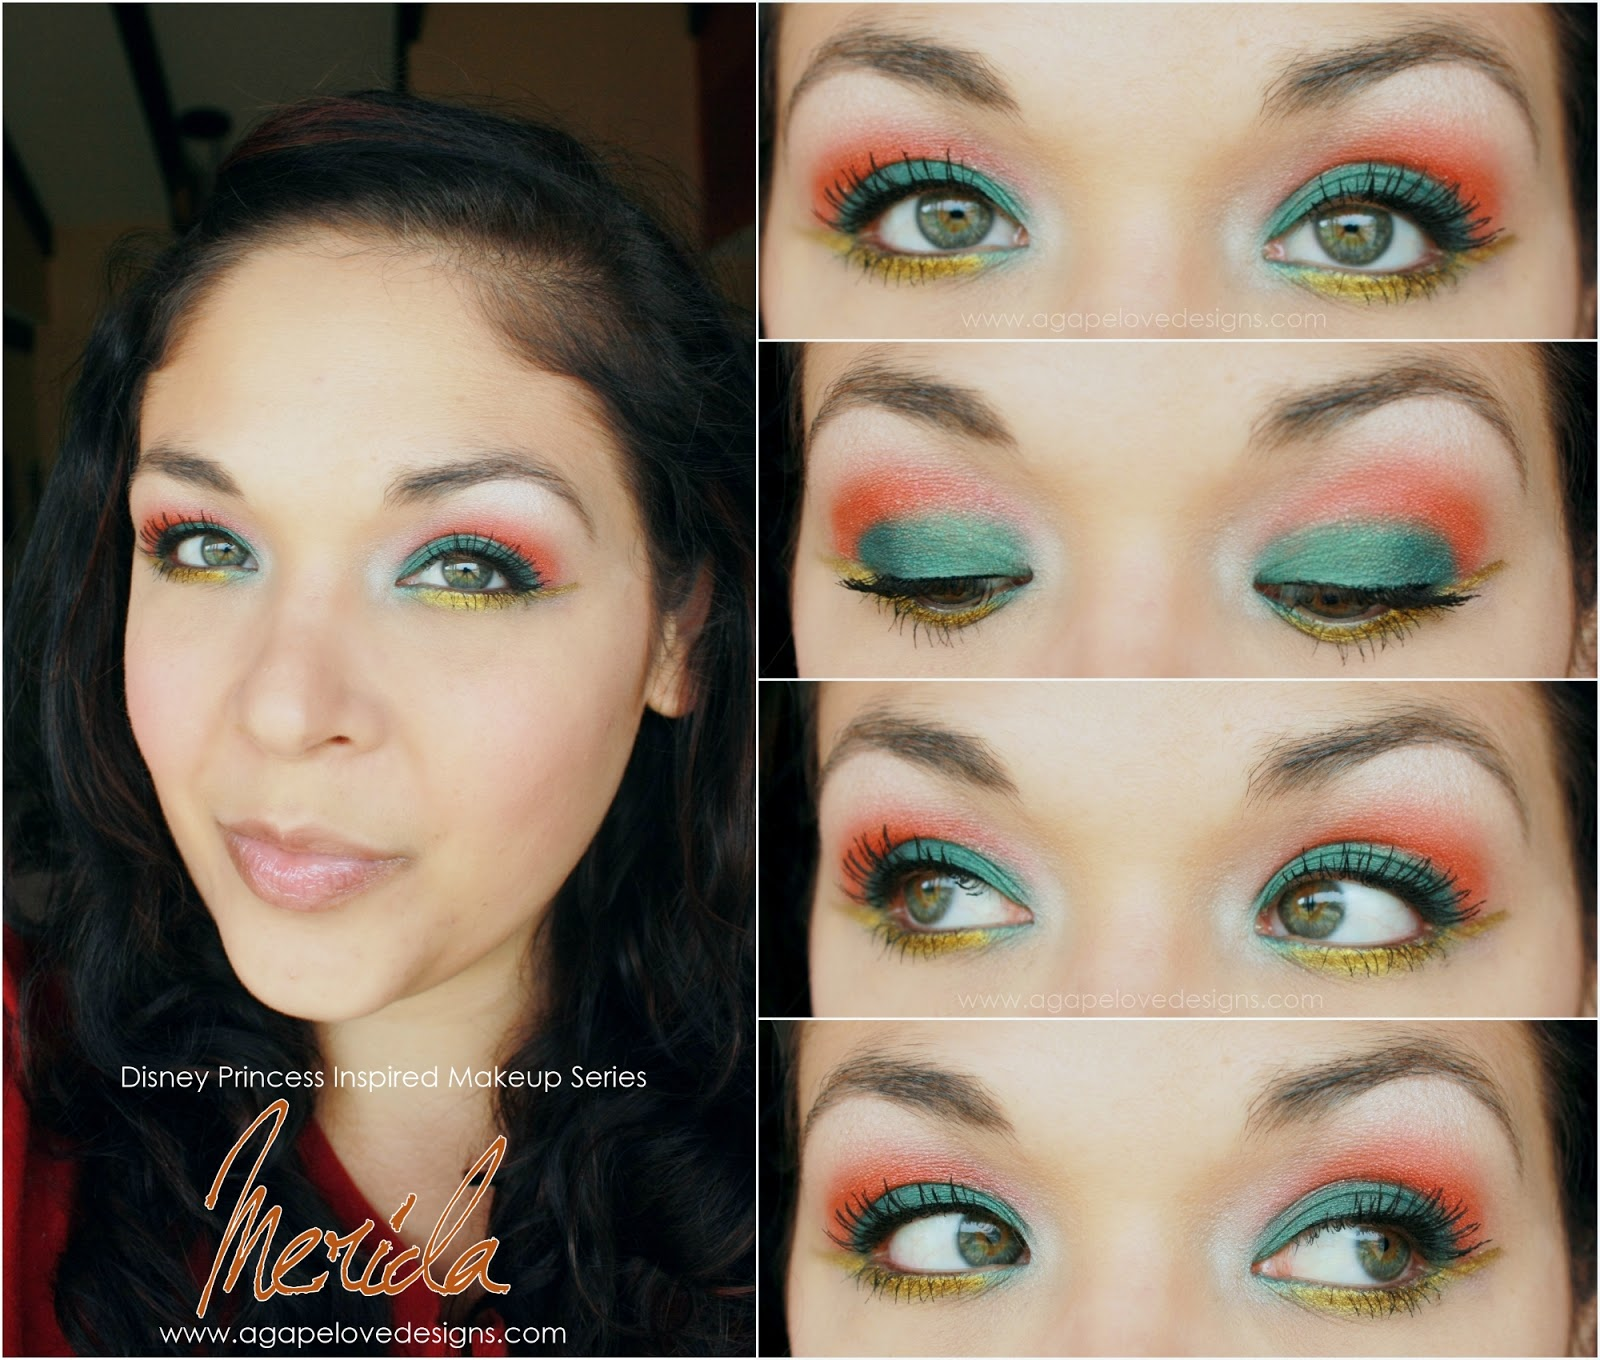 Agape love designs merida inspired makeup makeup monday color agape love designs merida inspired makeup makeup monday color challenge baditri Images